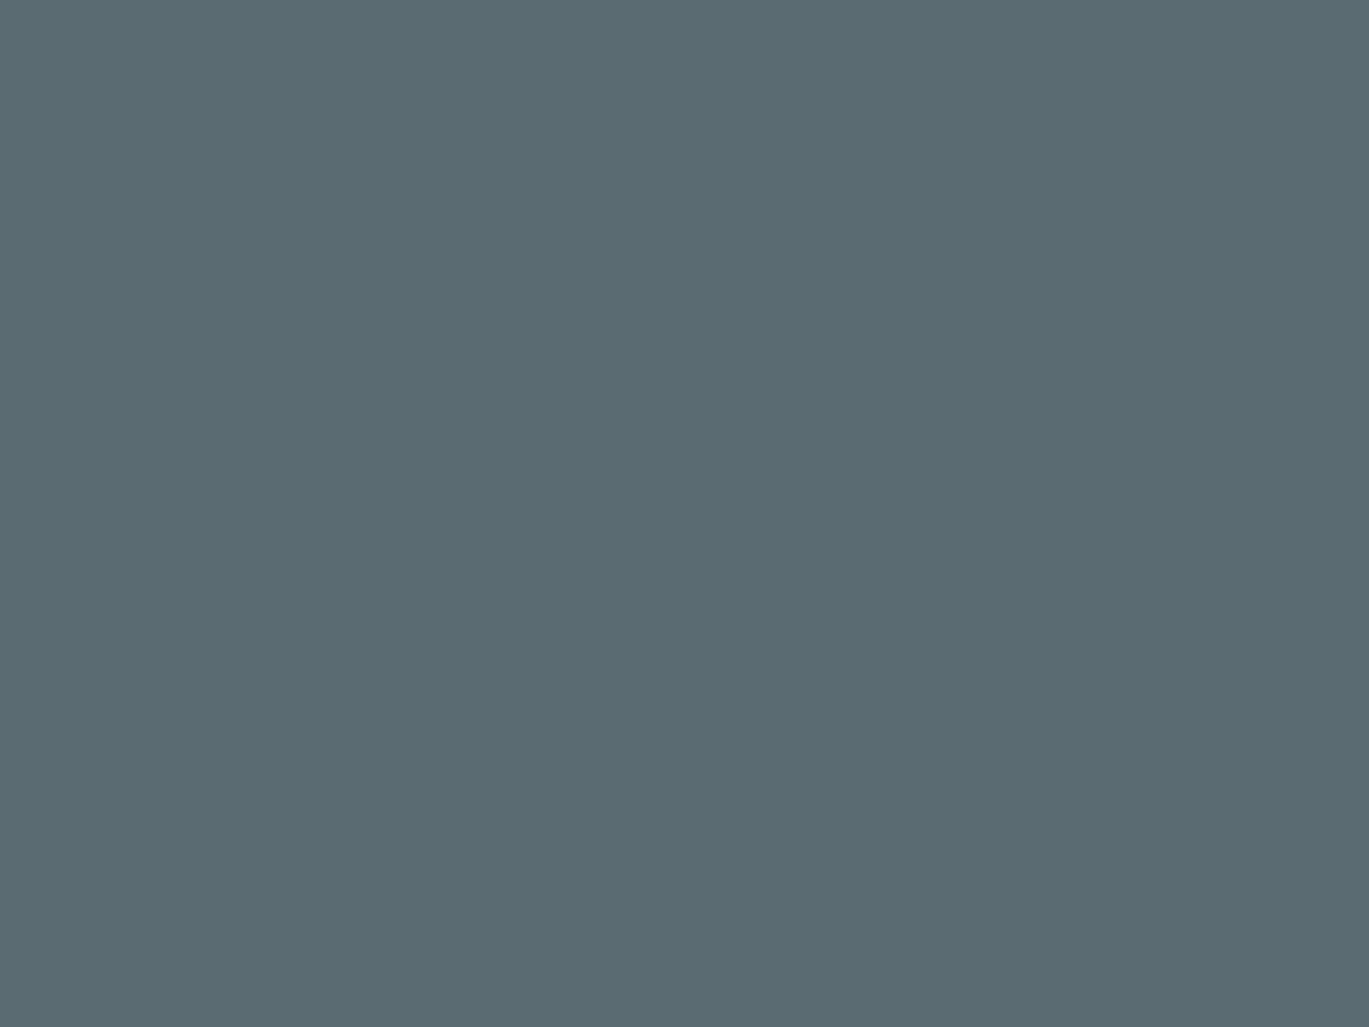 Павел Третьяков. Искусство принадлежит народу. Галерея 3. Промышленник-коллекционер